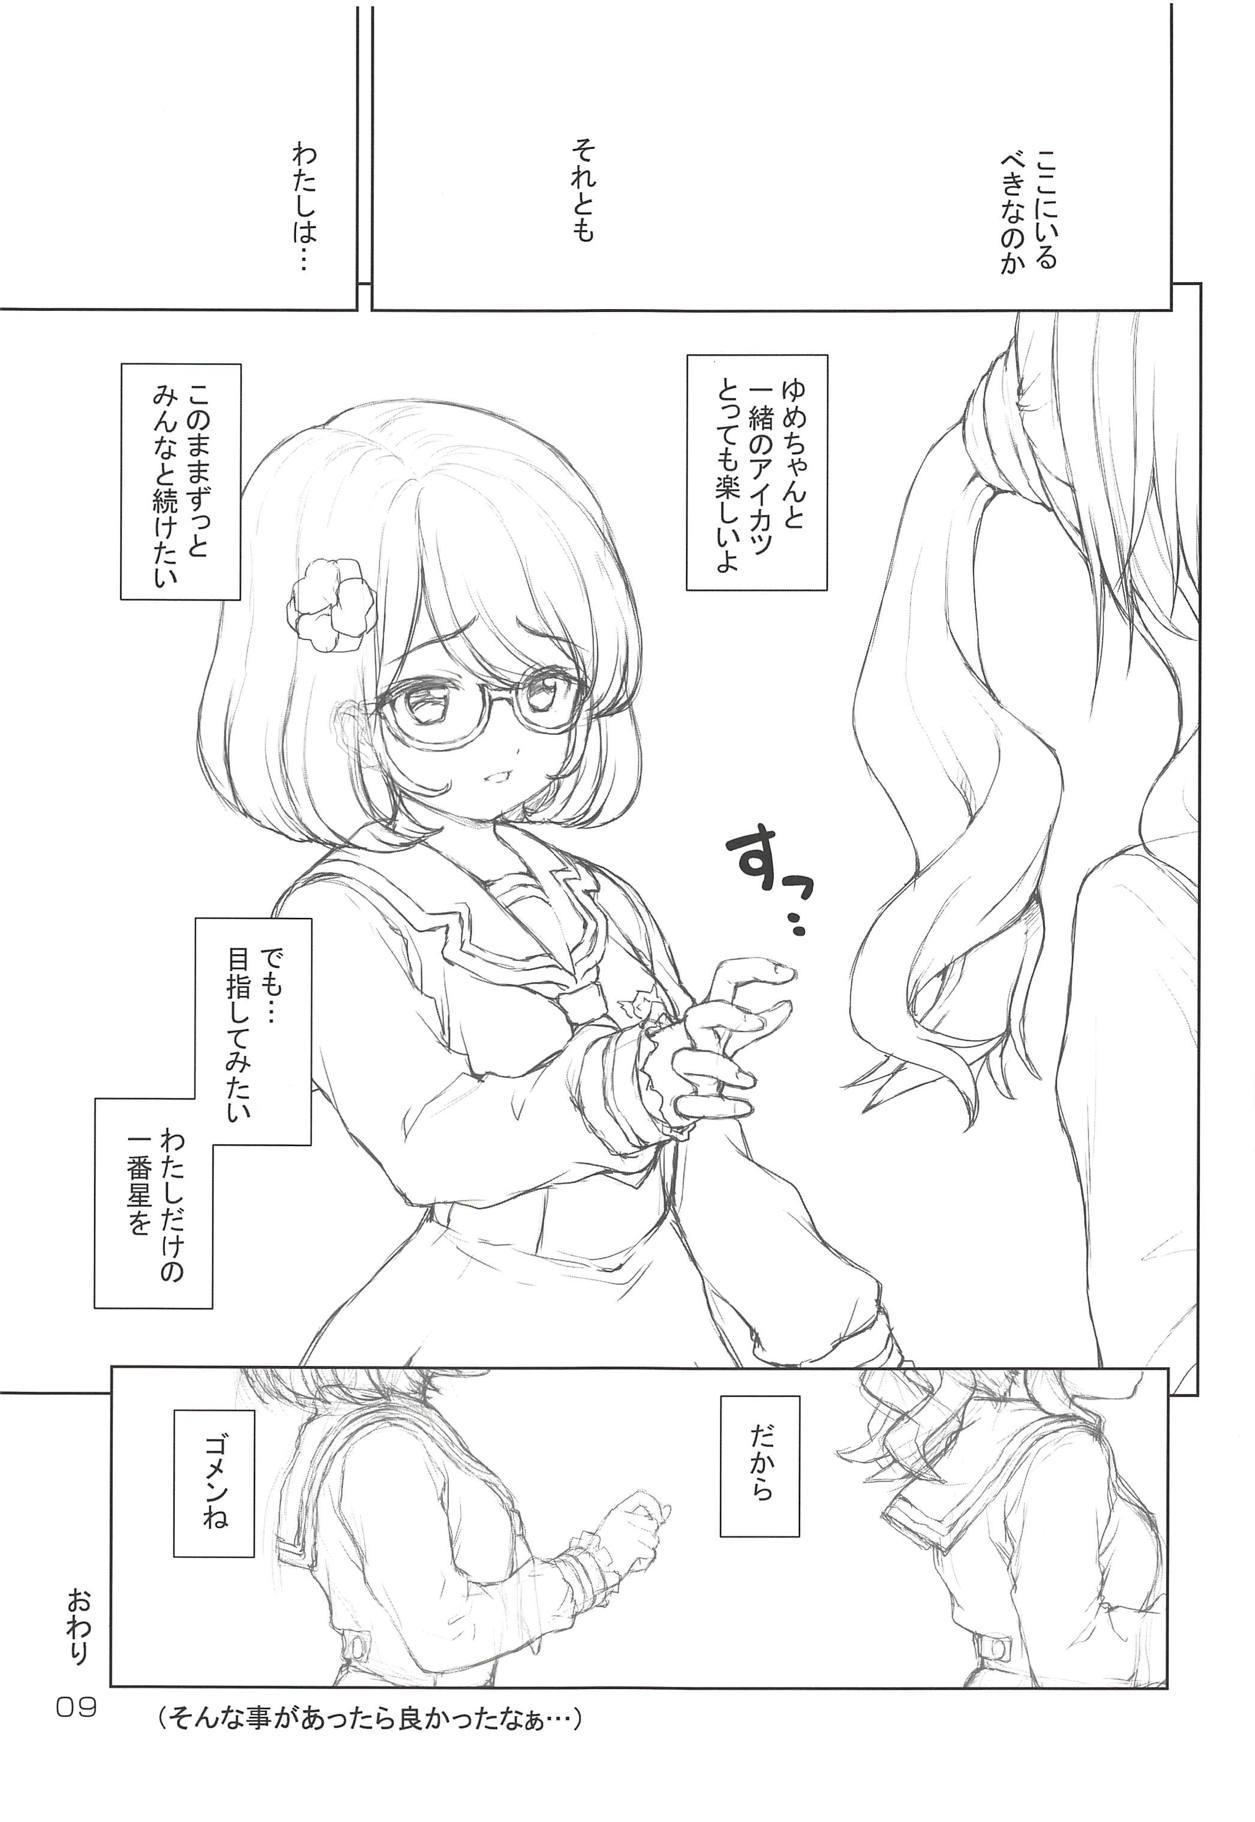 Matokatsu! 7